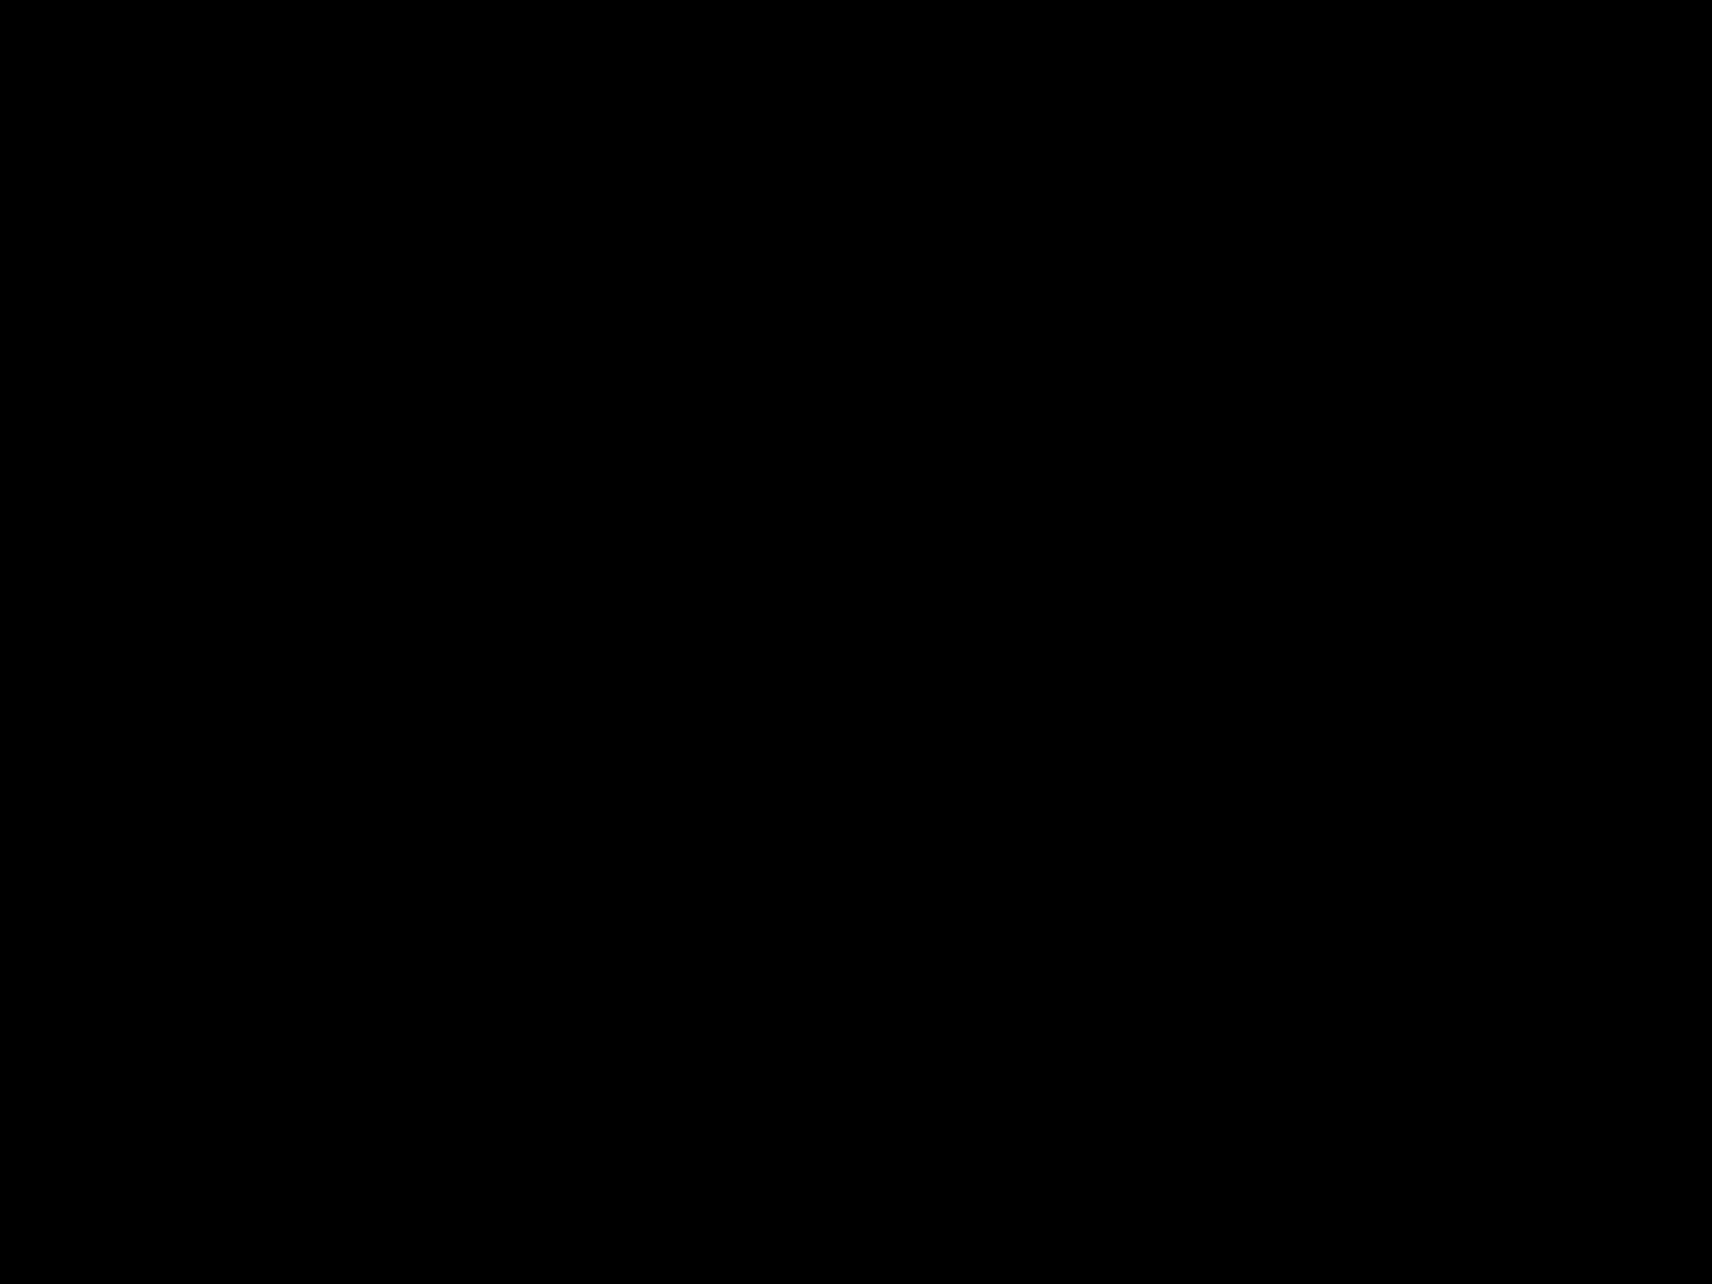 5848_07.jpg